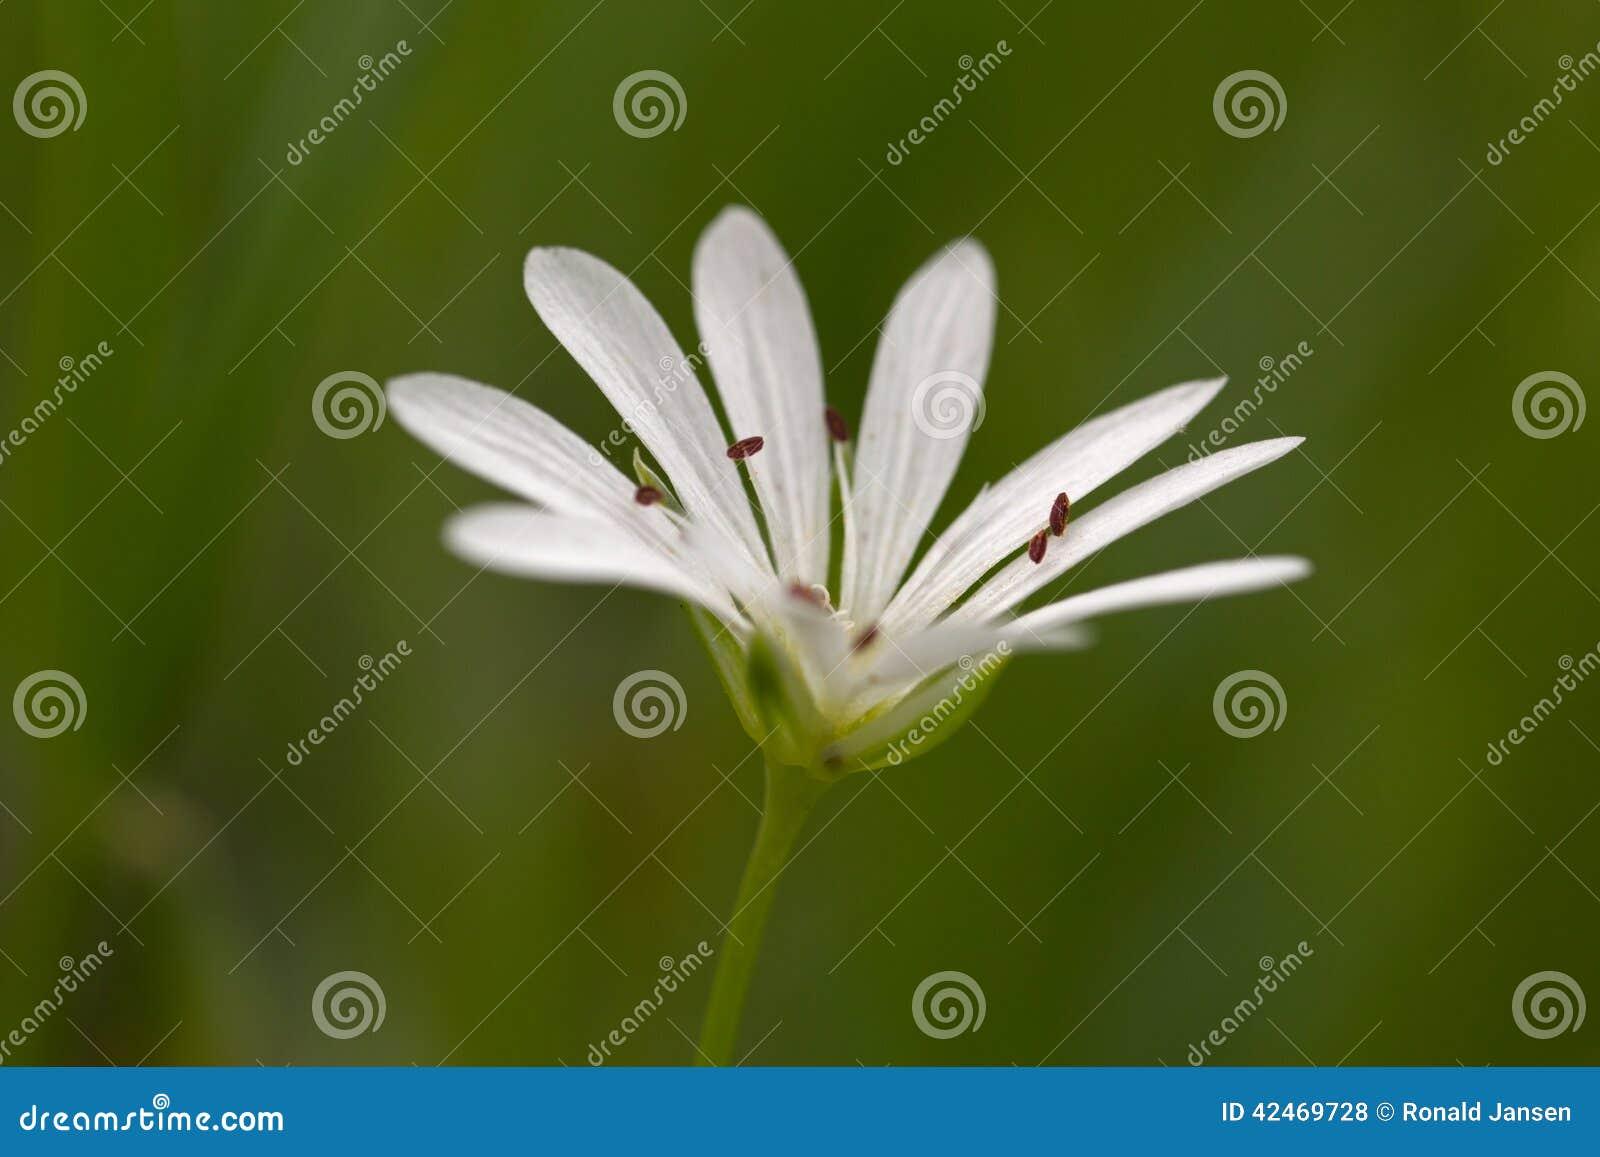 Extremes Makrofoto der kleinen weißen Blume